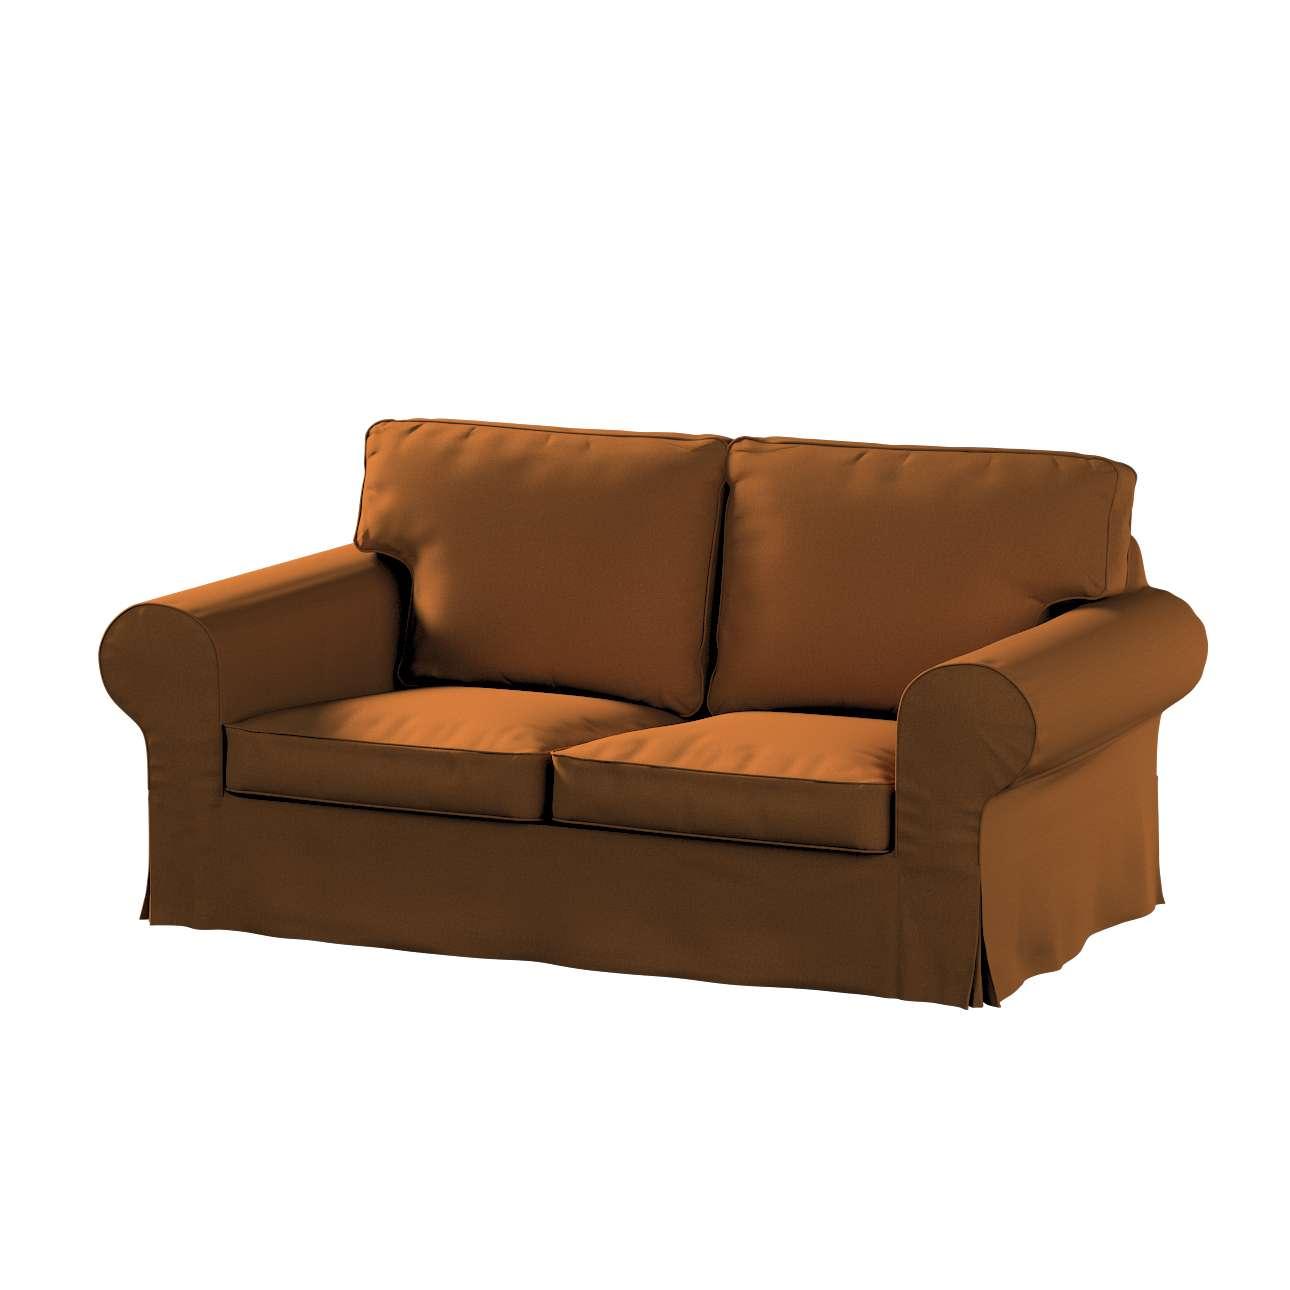 Pokrowiec na sofę Ektorp 2-osobową, rozkładaną, model do 2012 w kolekcji Living II, tkanina: 161-28